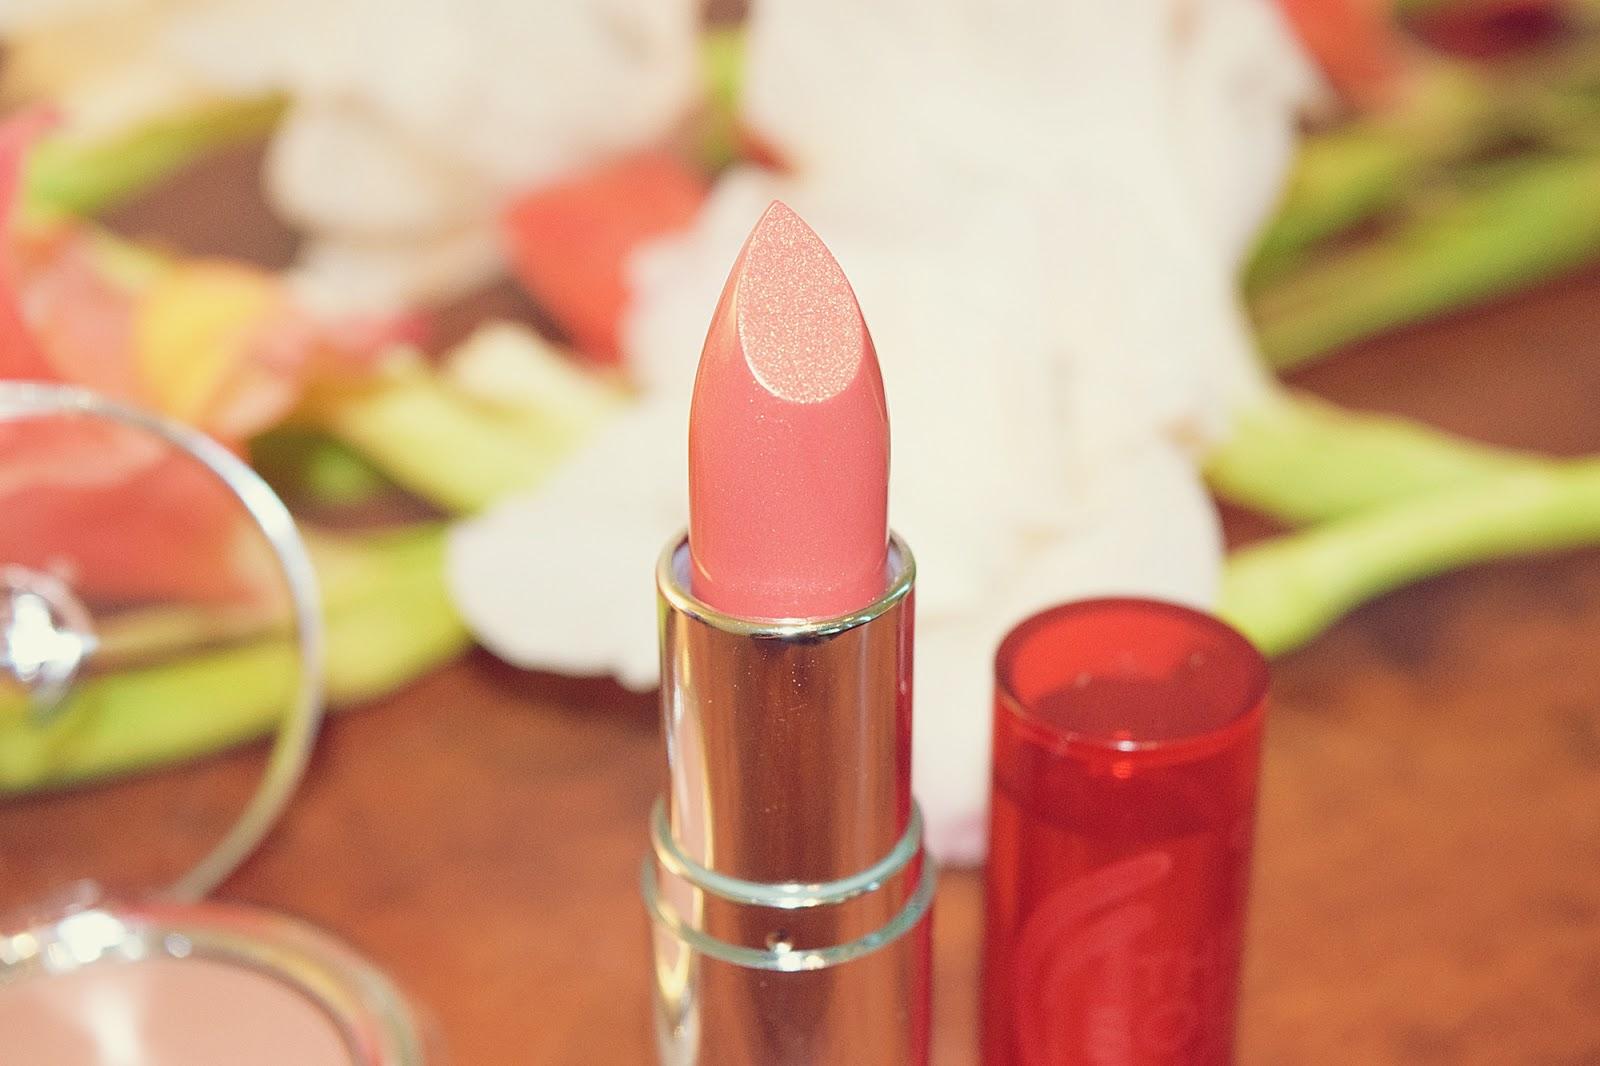 The Body Shop Color Crush Lipstick 140 Make My Heart Gleam